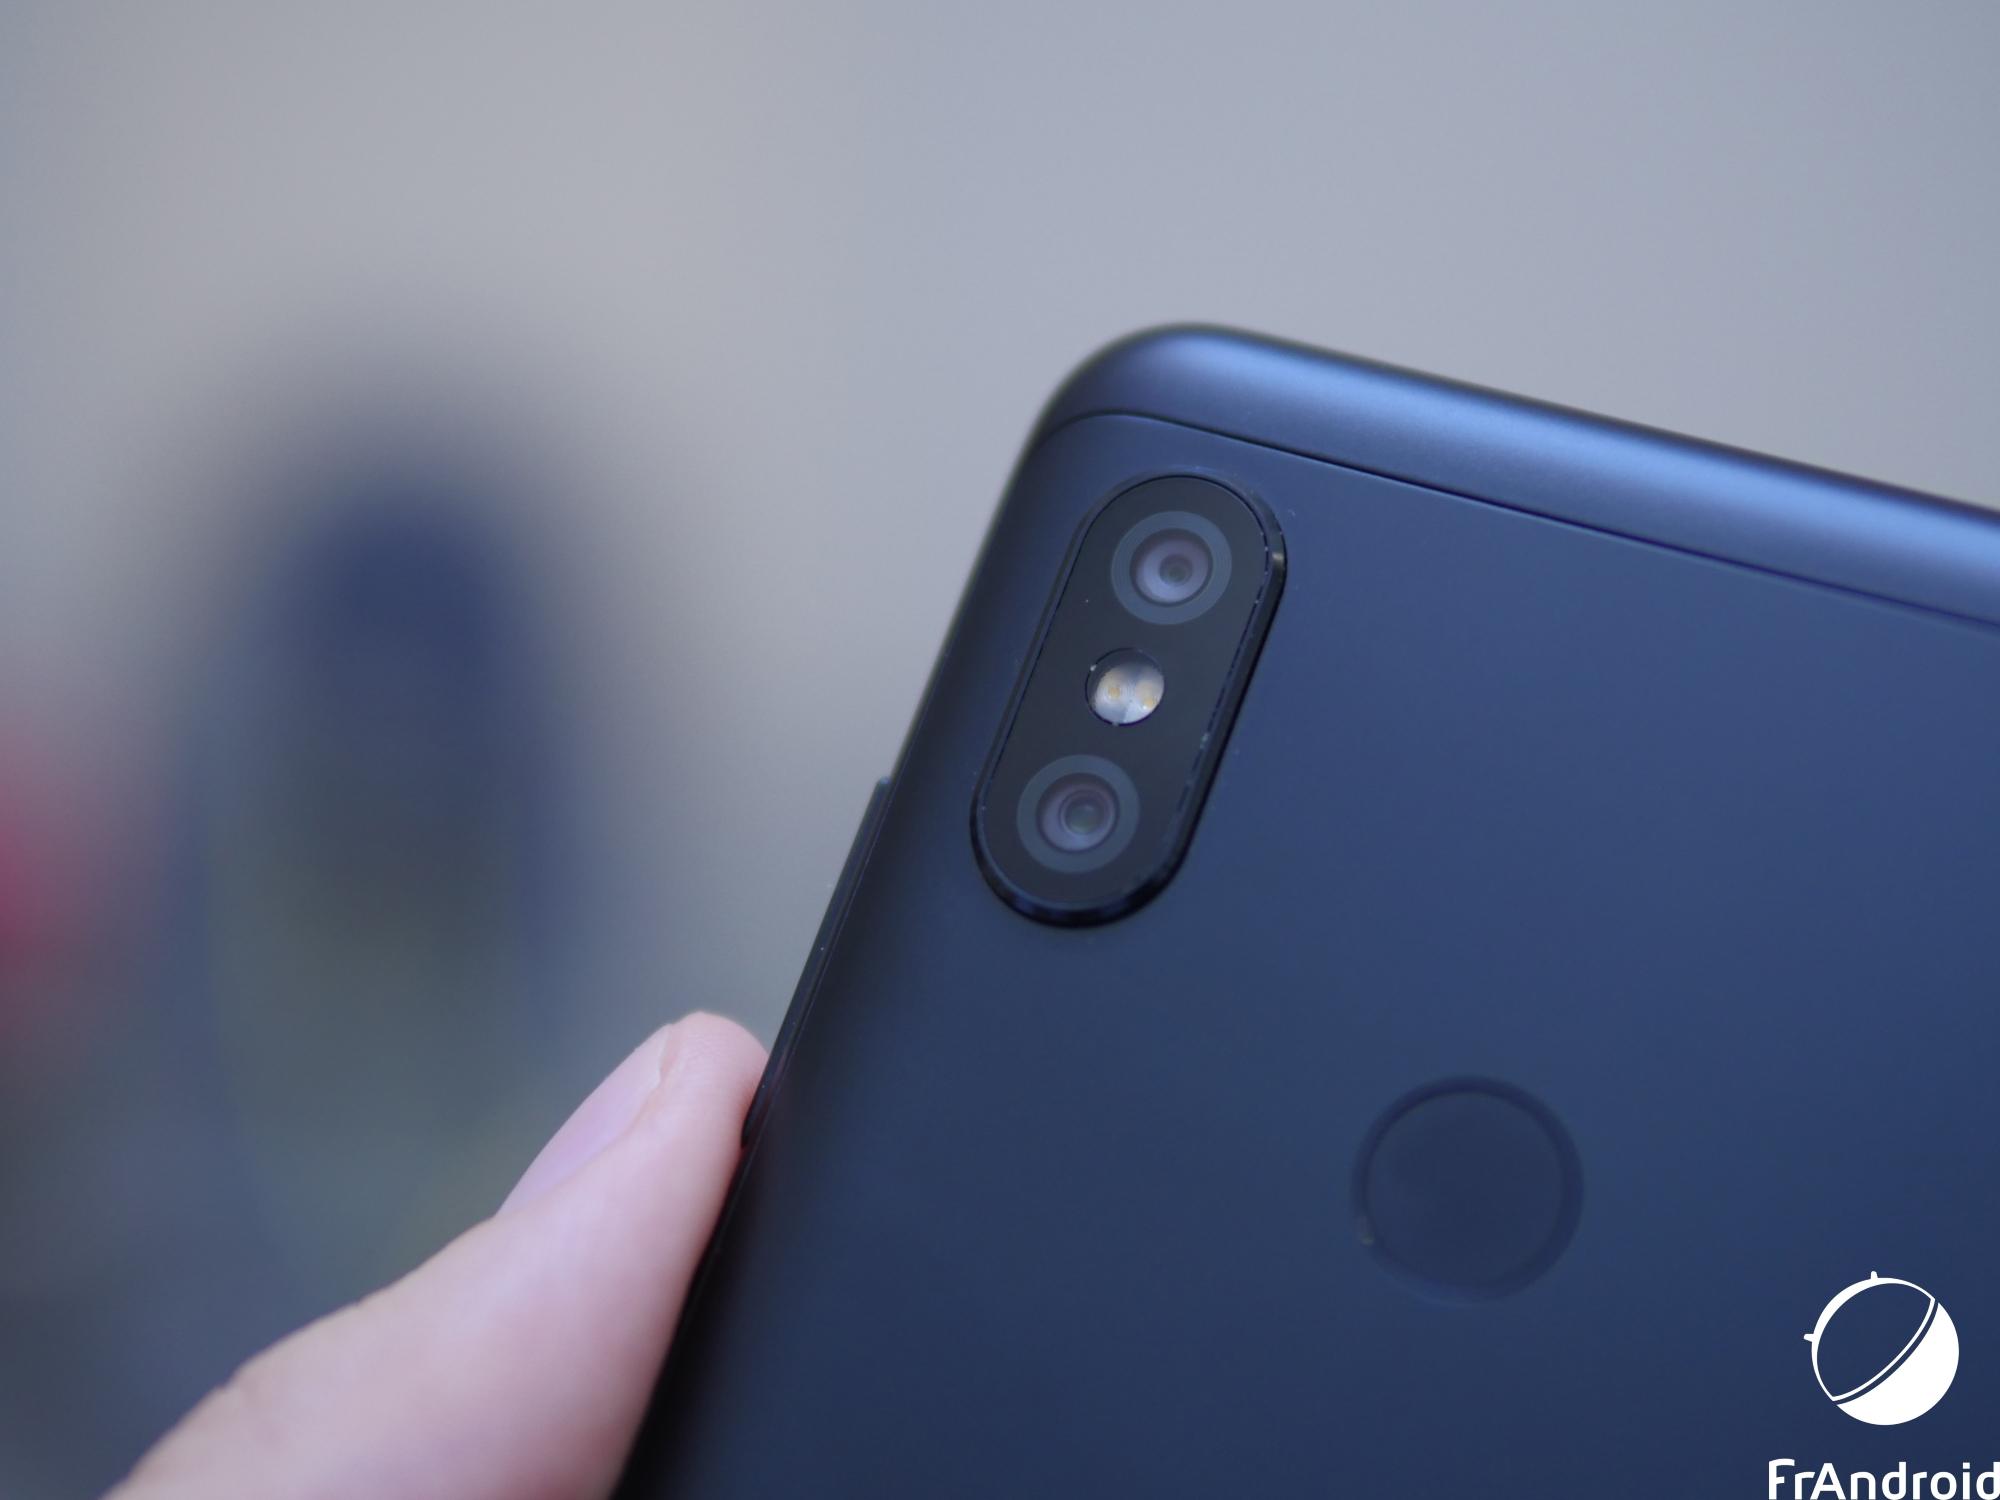 Xiaomi : le smartphone à capteur photo de 48 megapixels serait un Redmi